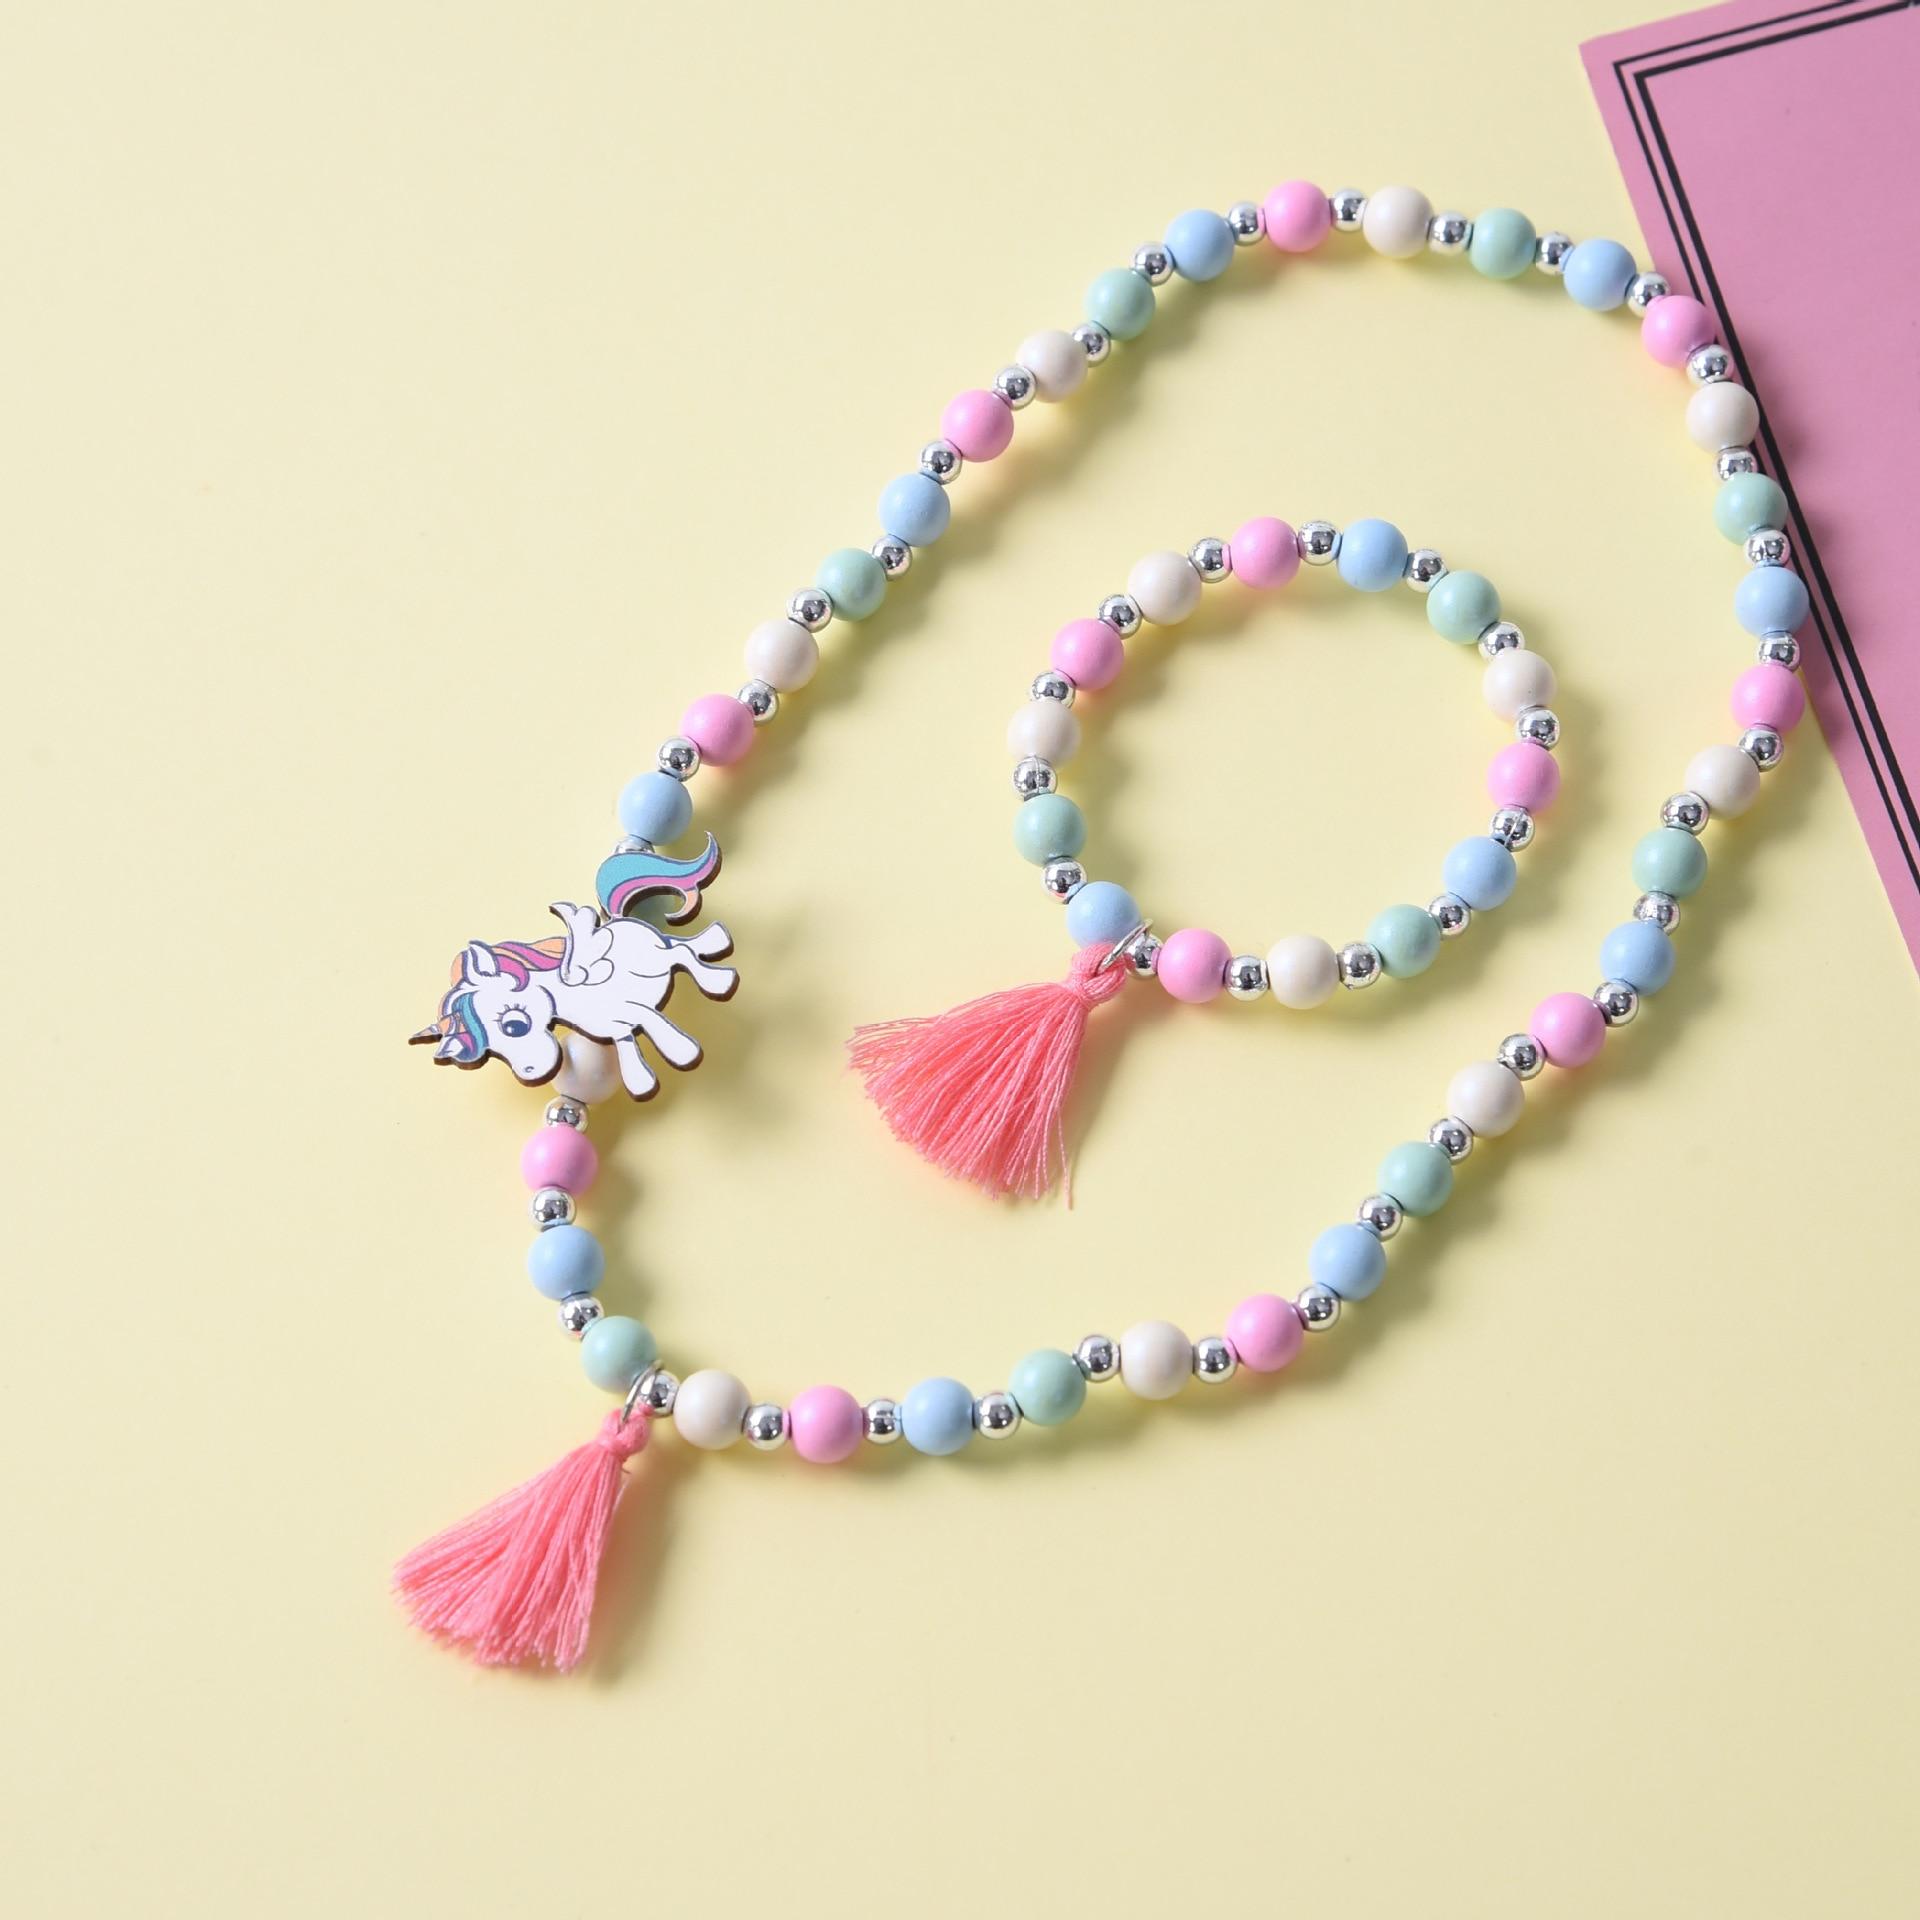 Милый единорог мультфильм цветок Детский свитер ожерелье браслет для детей подарок cp2649